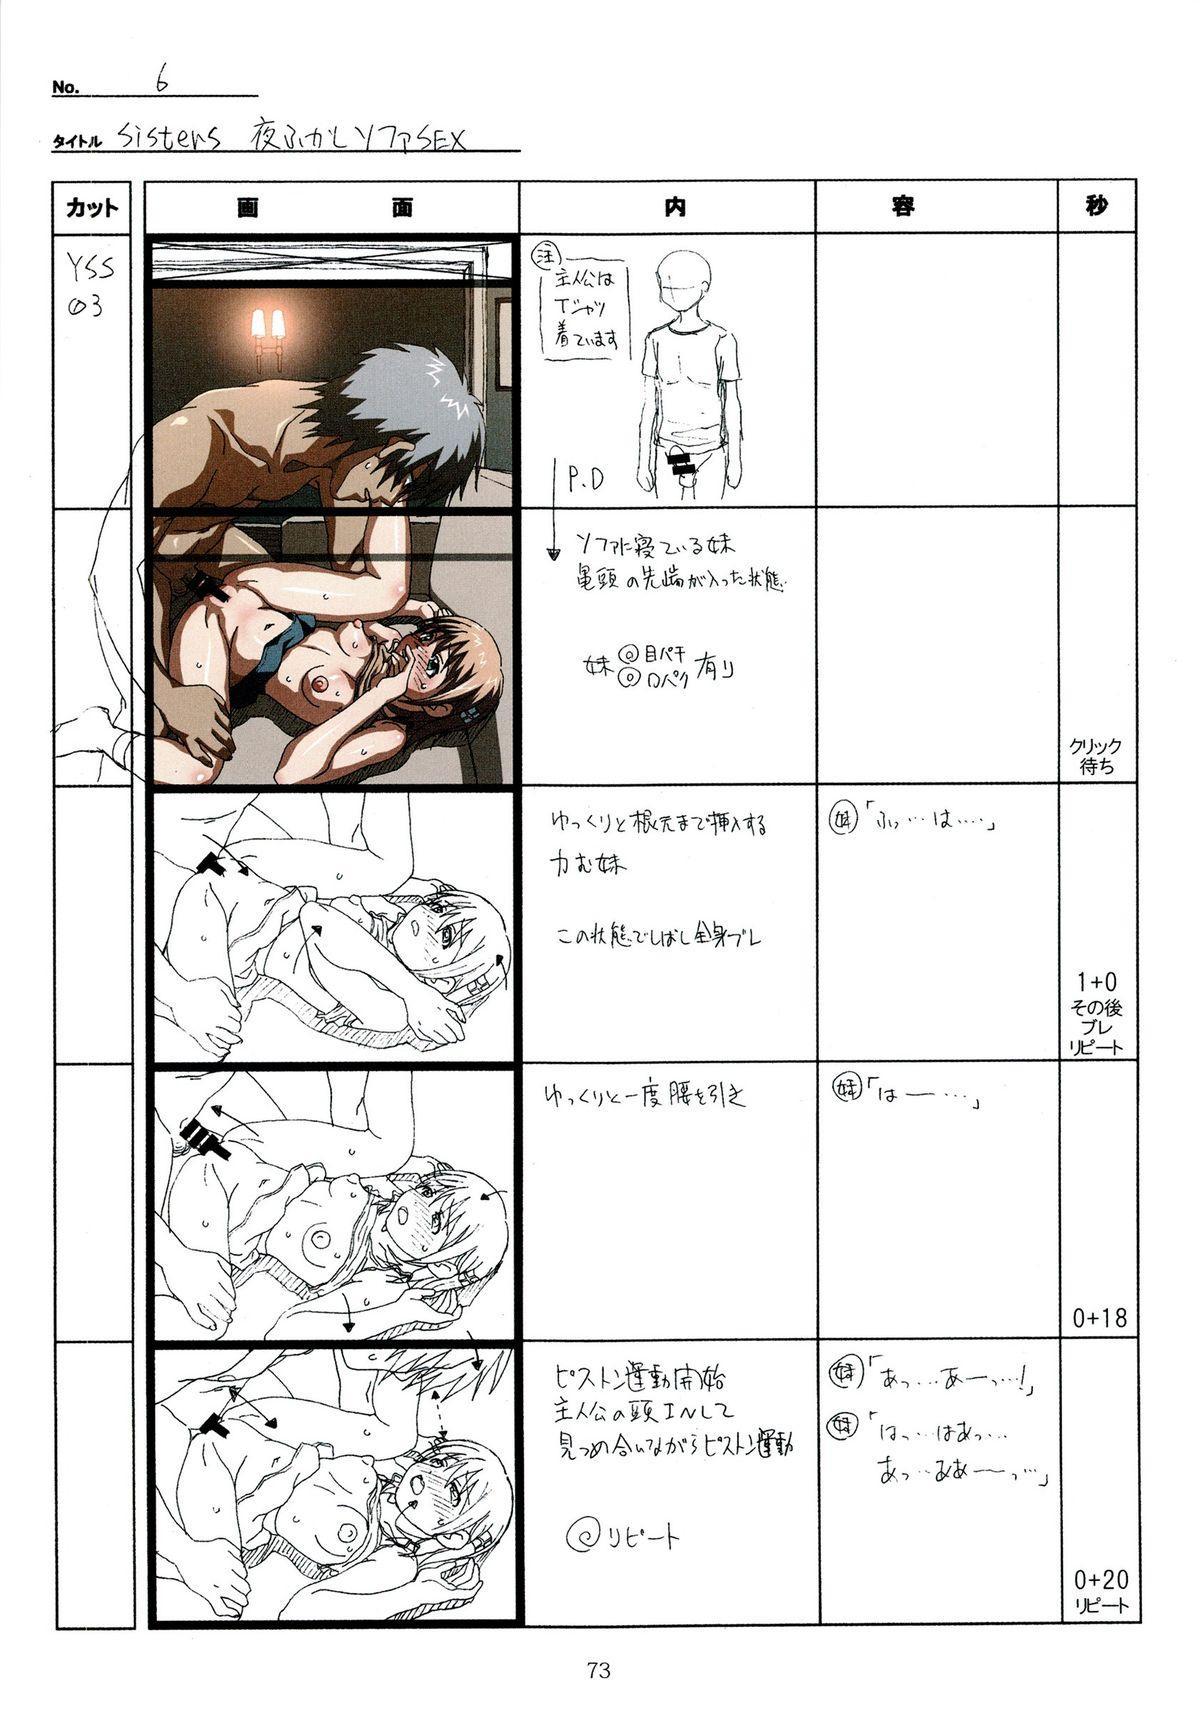 (C89) [Makino Jimusho (Taki Minashika)] SISTERS -Natsu no Saigo no Hi- H Scene All Part Storyboard (SISTERS -Natsu no Saigo no Hi-) 72